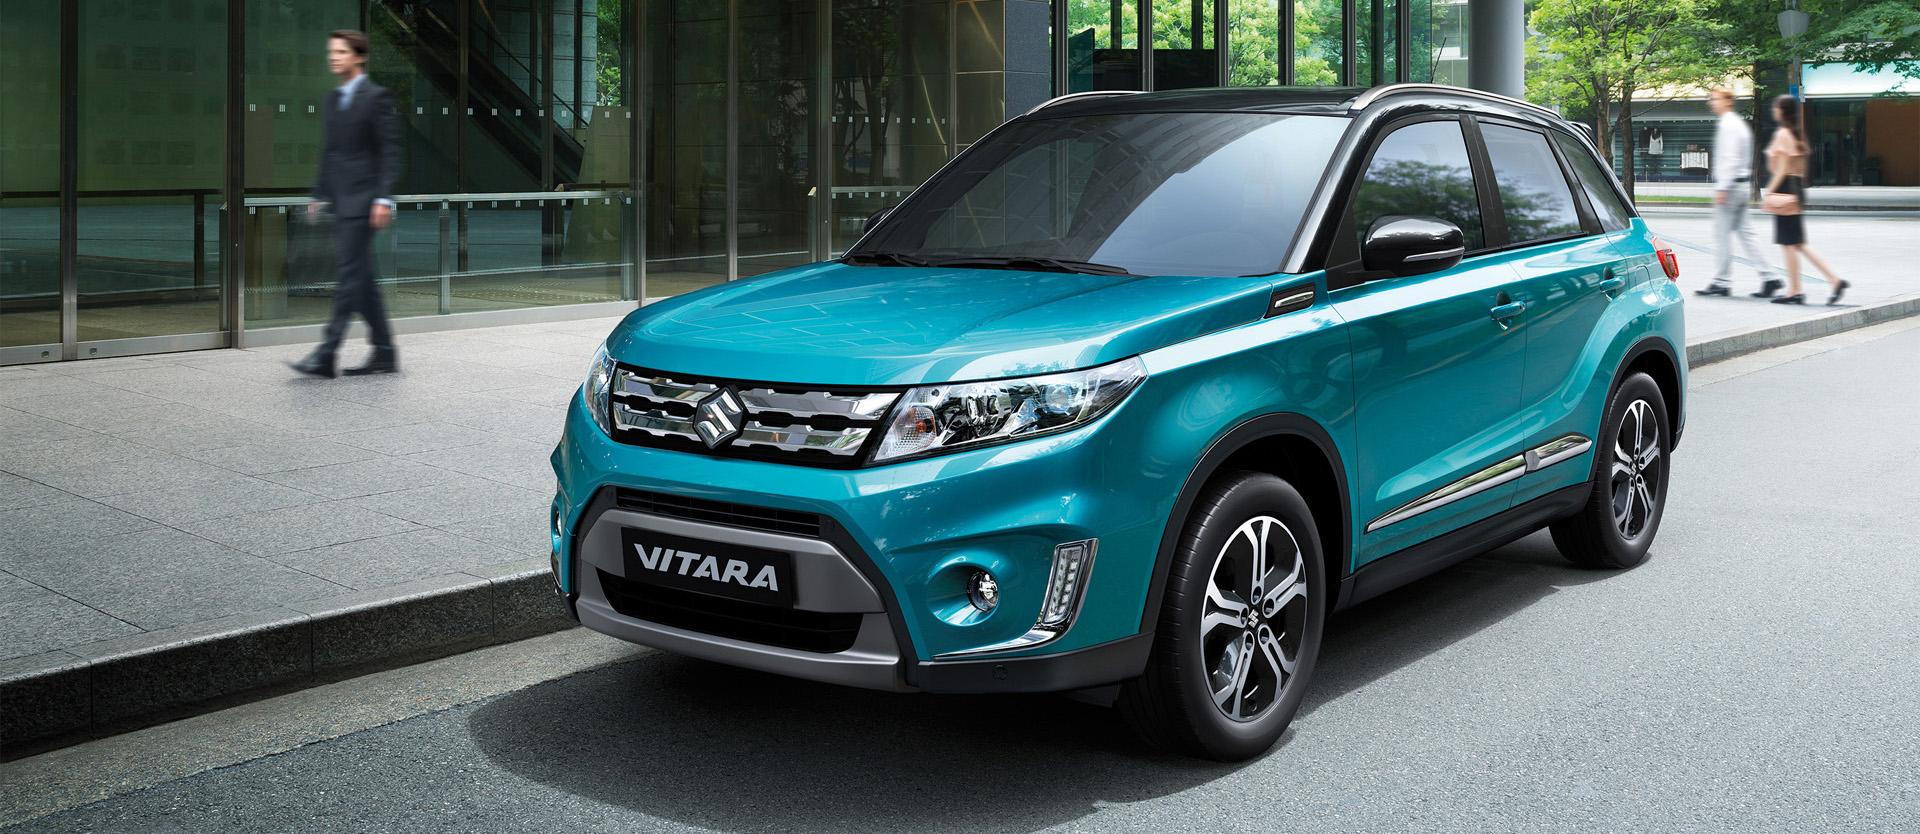 Automoviles Modelos Suzuki 2015 | Autos Post